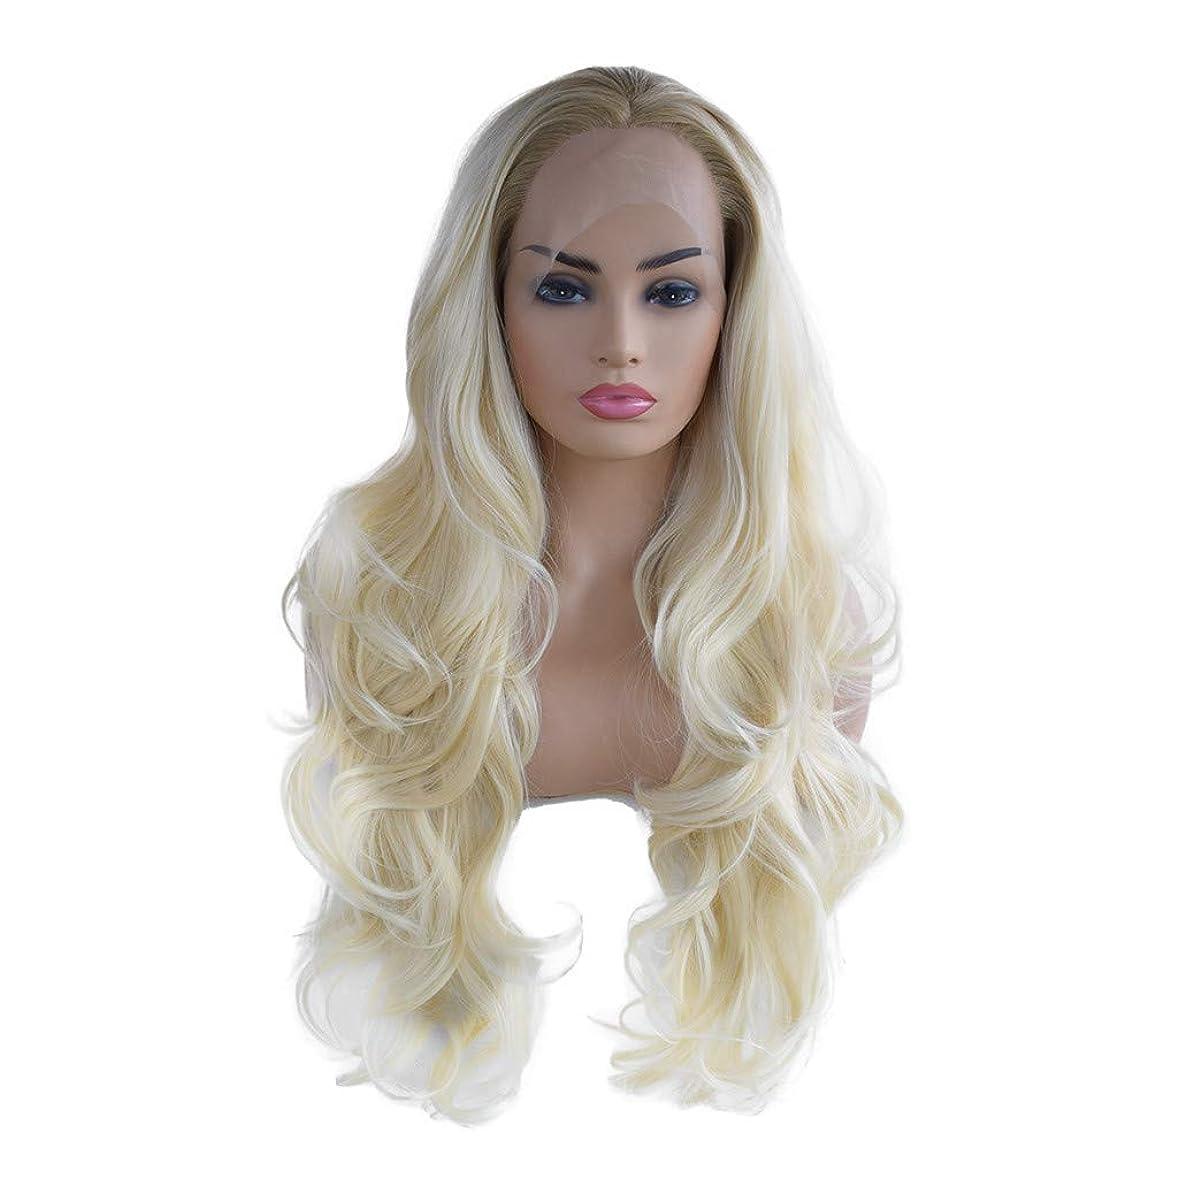 良さミュージカル色女性の長い長い巻き毛のかつらファッションコスプレかつらフロントレースかつら